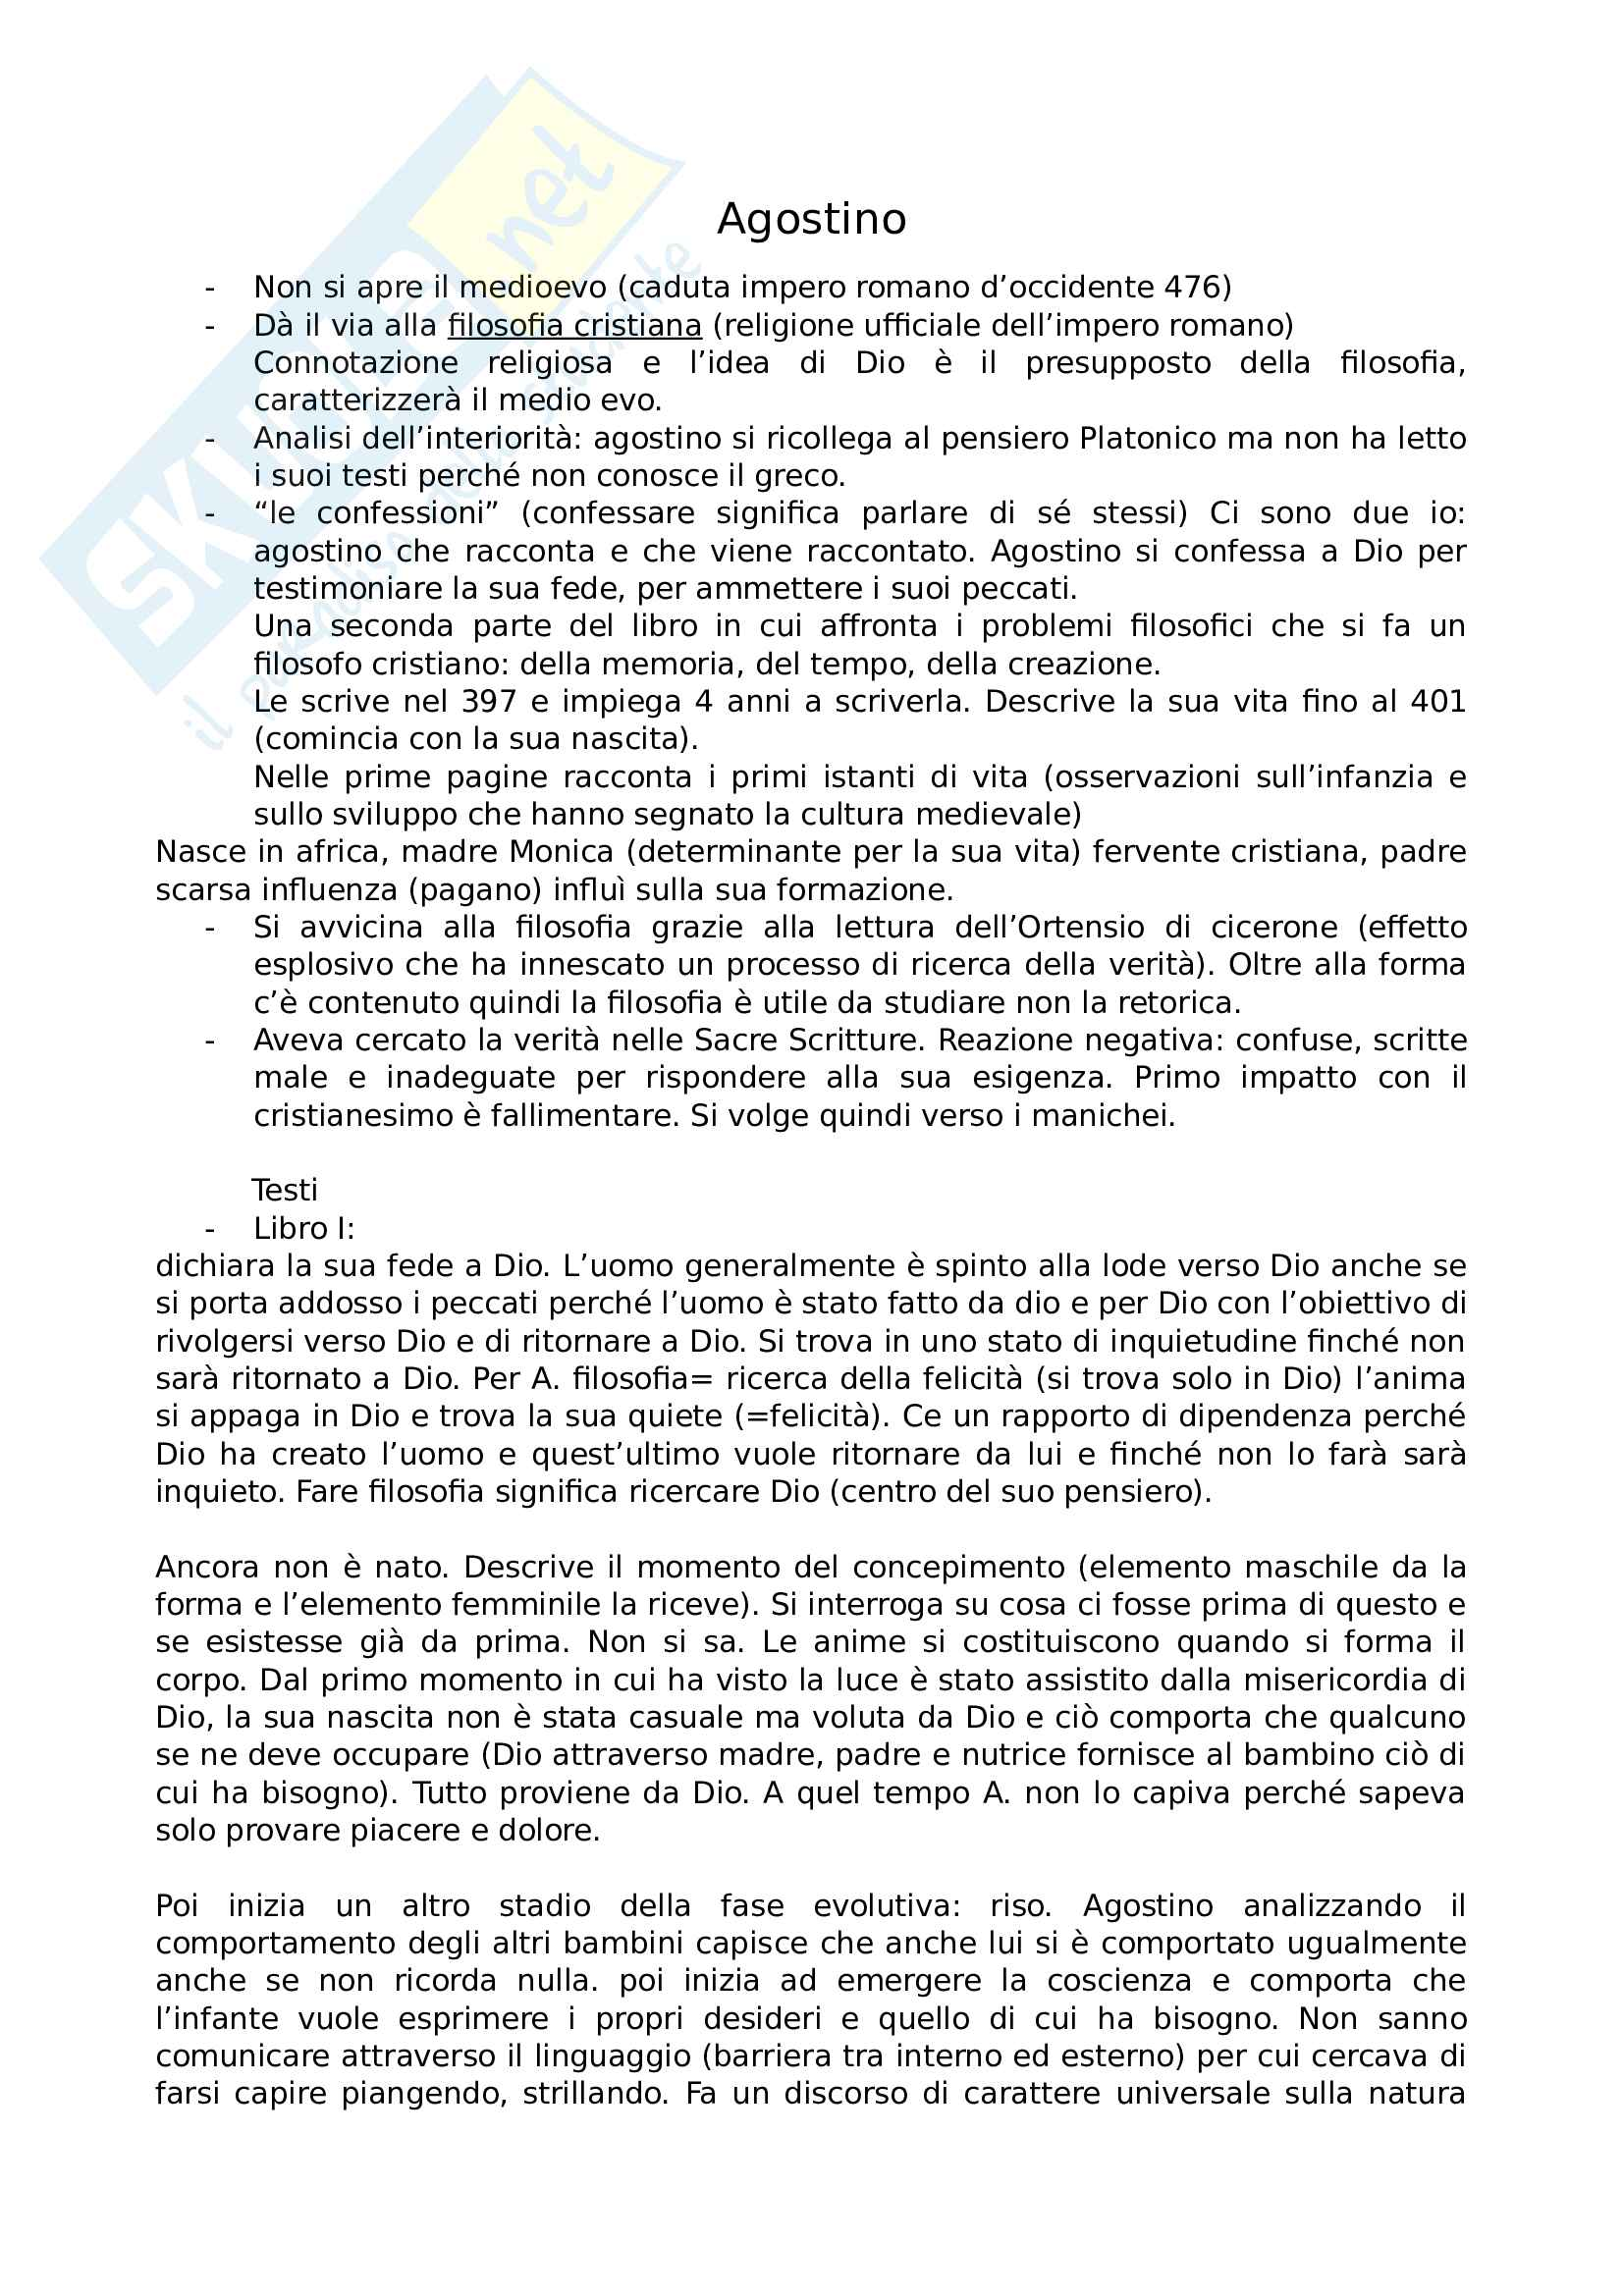 Agostino - Appunti completi